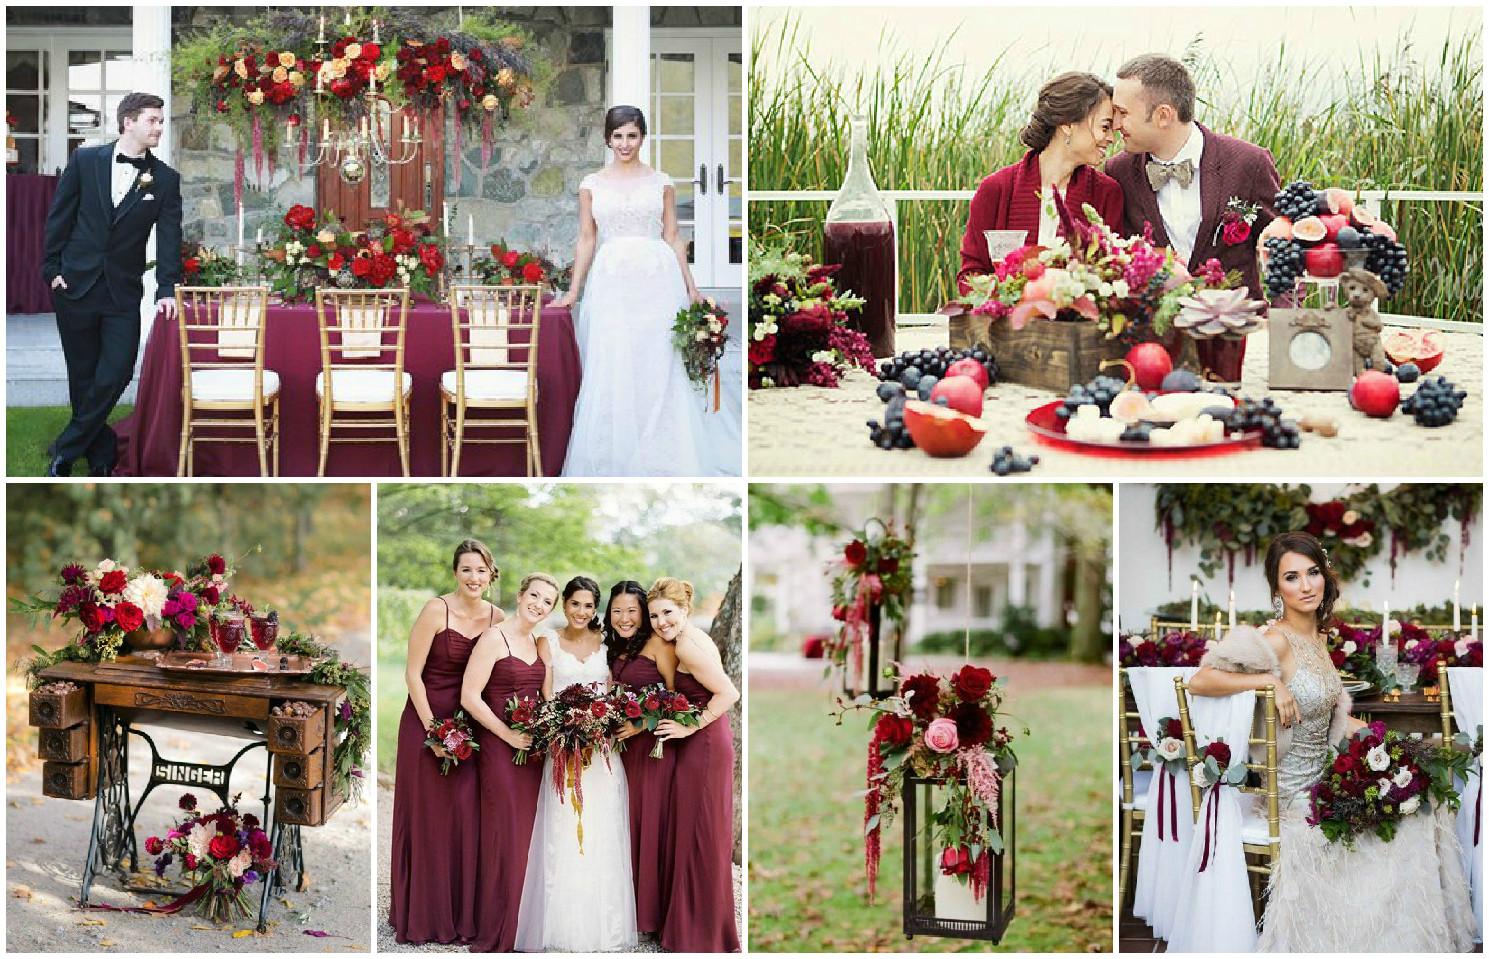 Свадьба в оттенках марсала